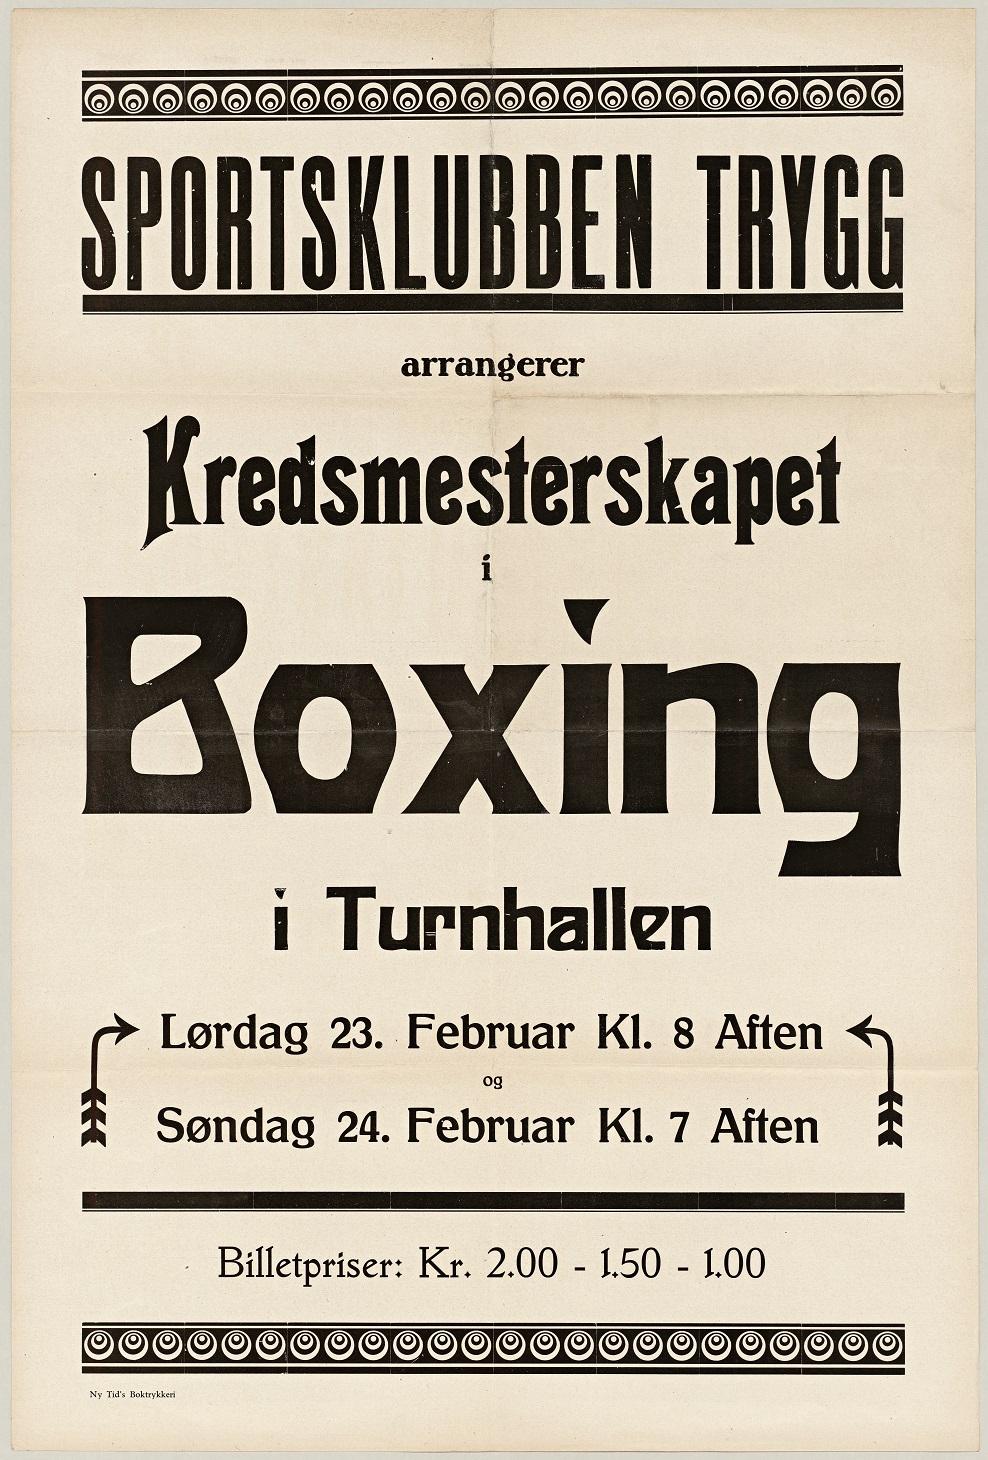 Sportsklubben_Trygg_arrangerer_Kredsmesterskapet_i_Boxing_i_Turnhallen_Lørdag_23._Februar_Kl._8_Aften,_Søndag_24._Februar_Kl._7_(14671990809).jpg